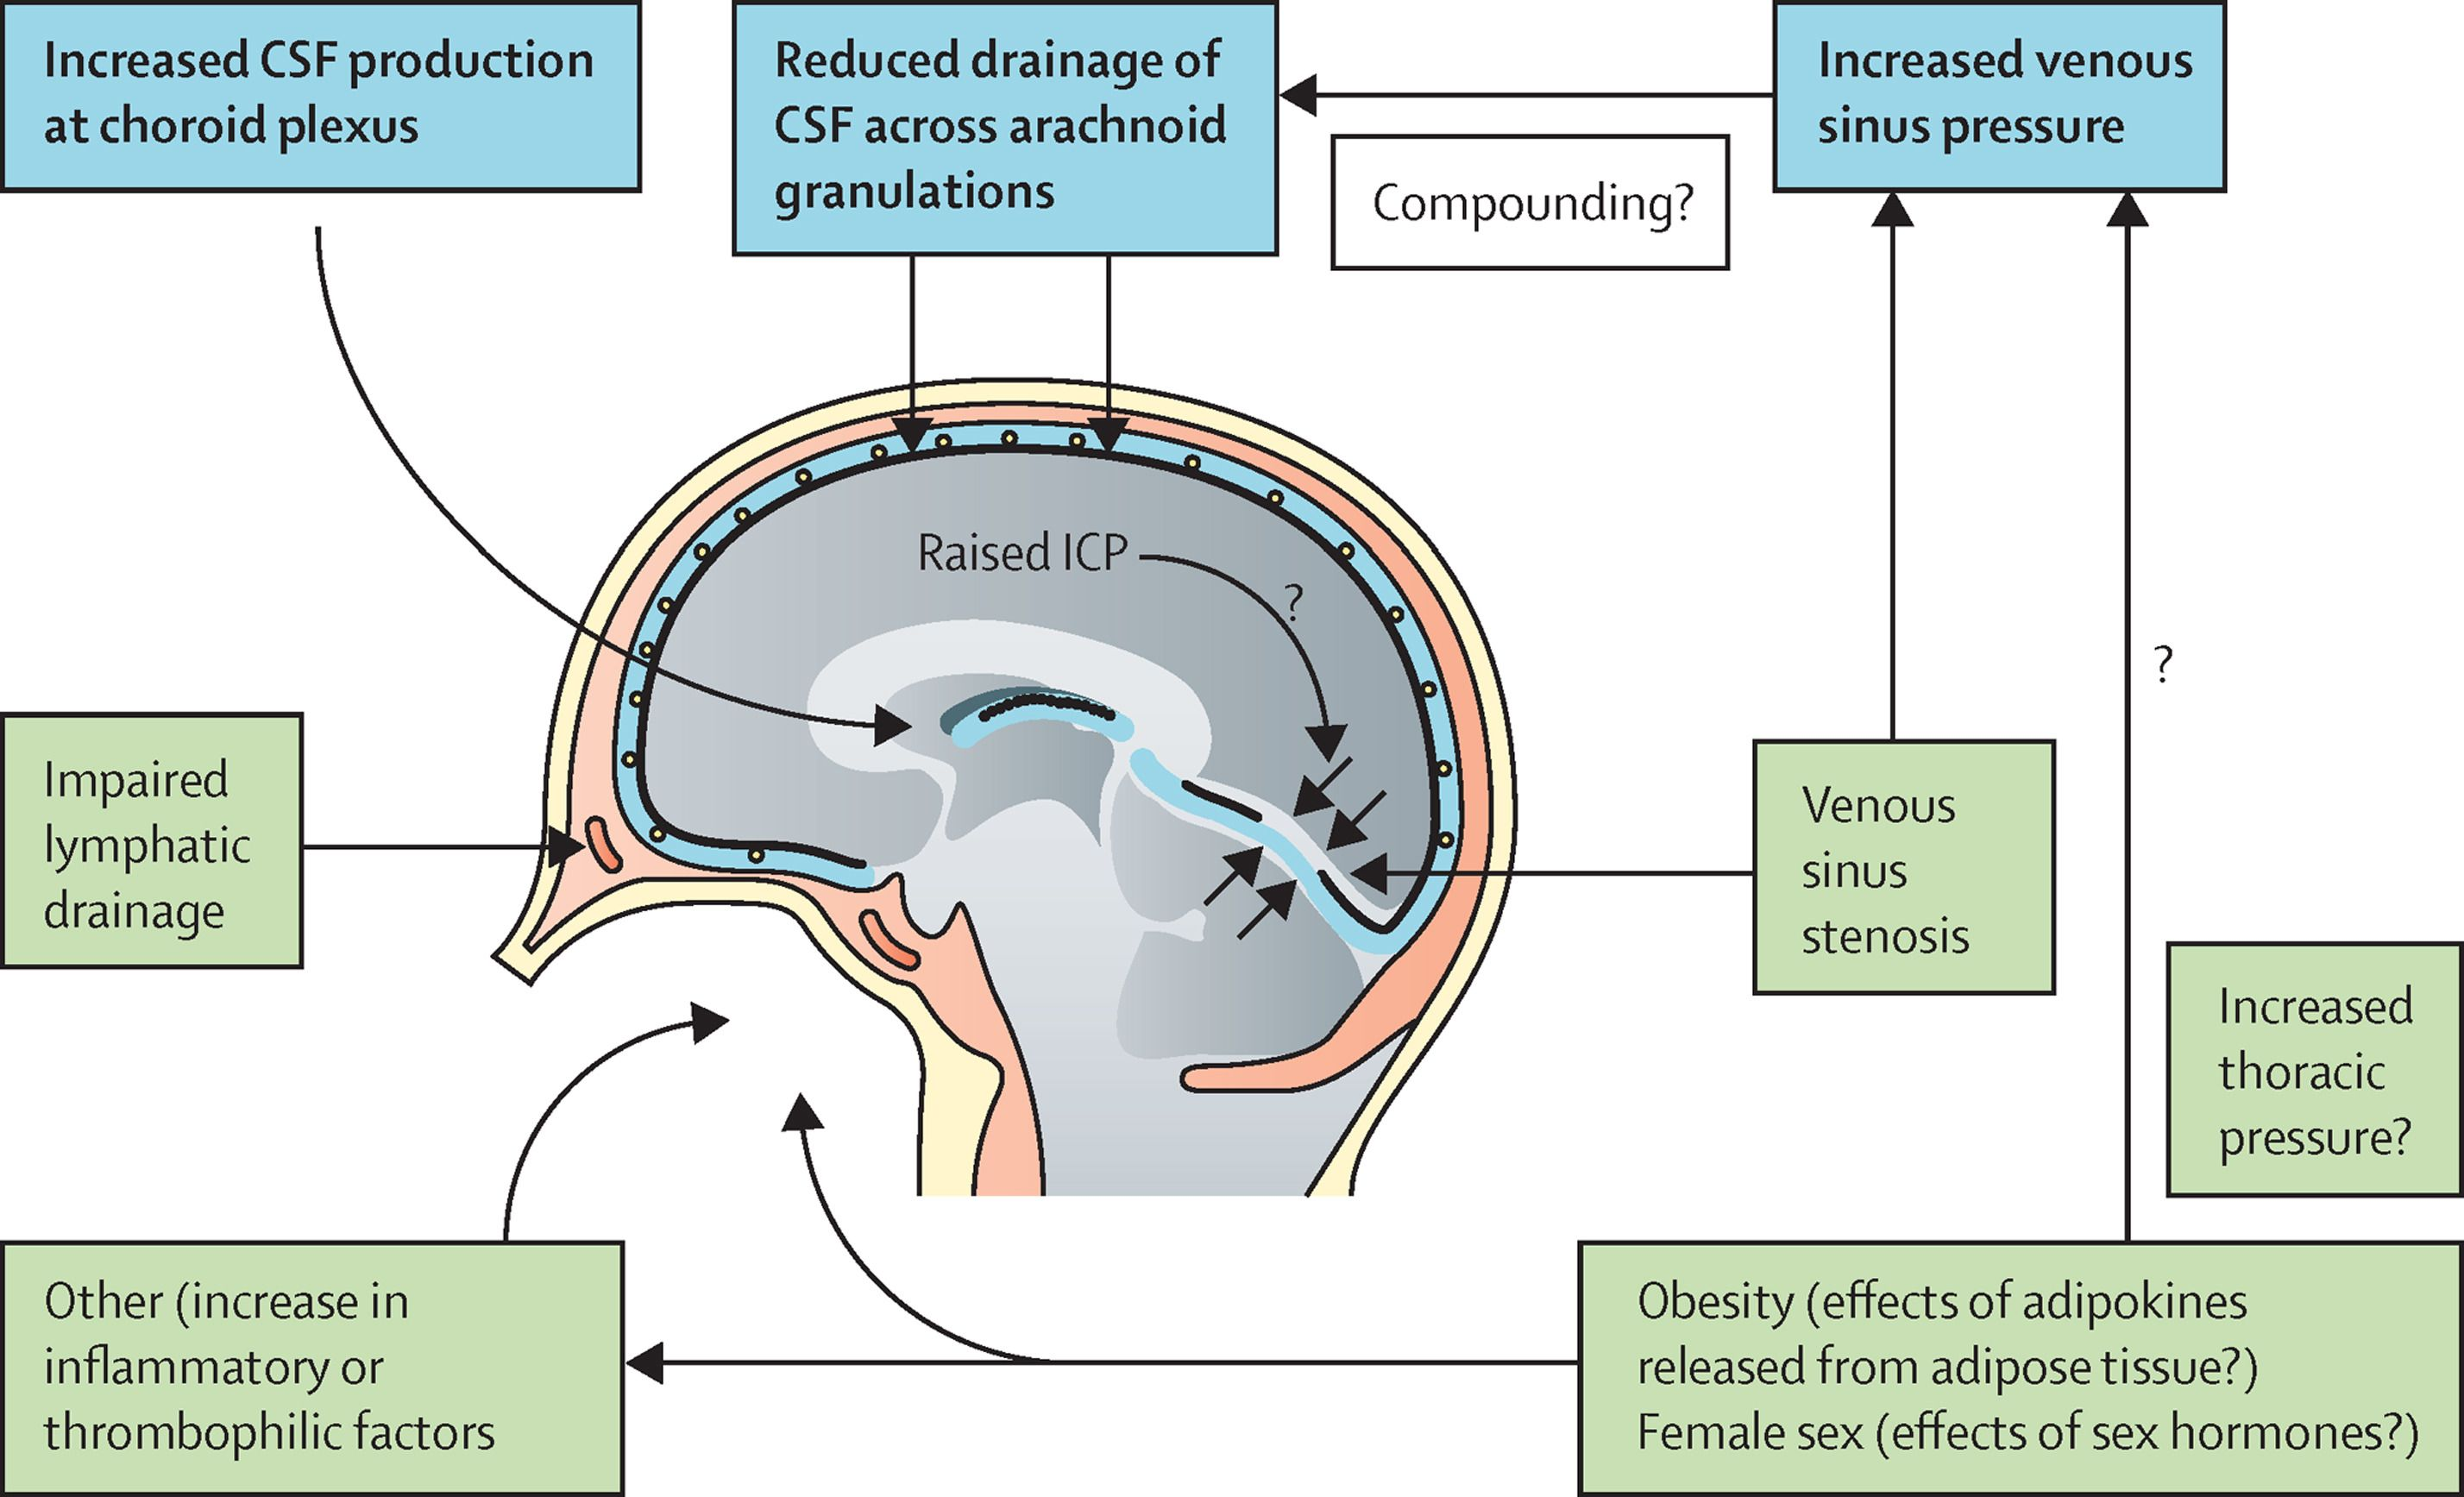 understanding idiopathic intracranial hypertension mechanisms  [ 2856 x 1735 Pixel ]